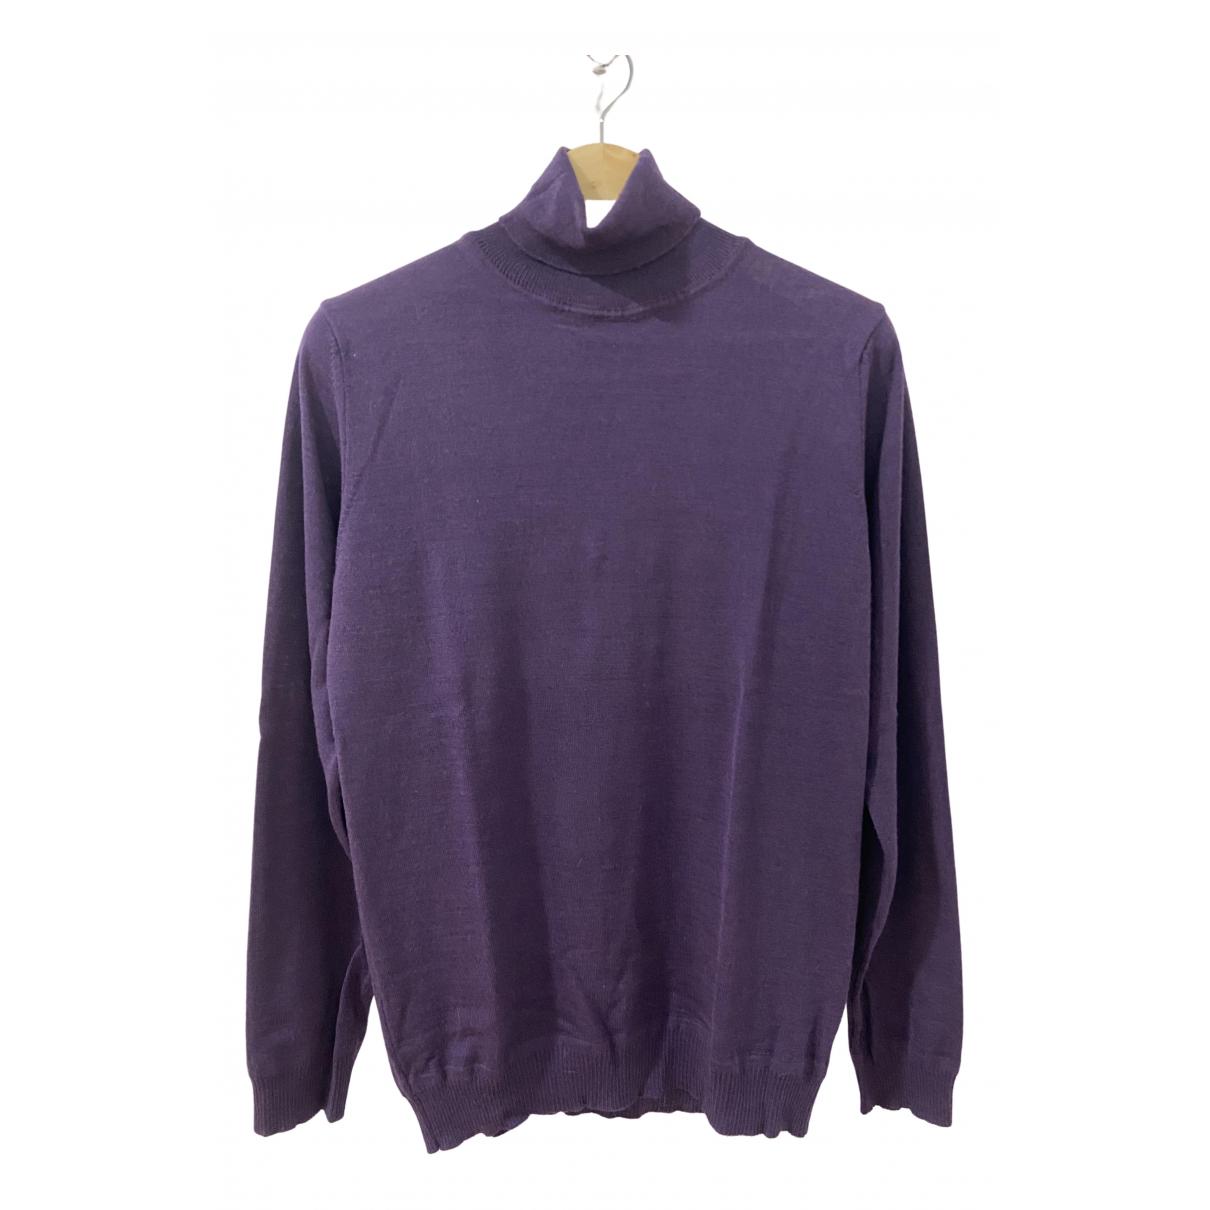 Zara - Pulls.Gilets.Sweats   pour homme - violet